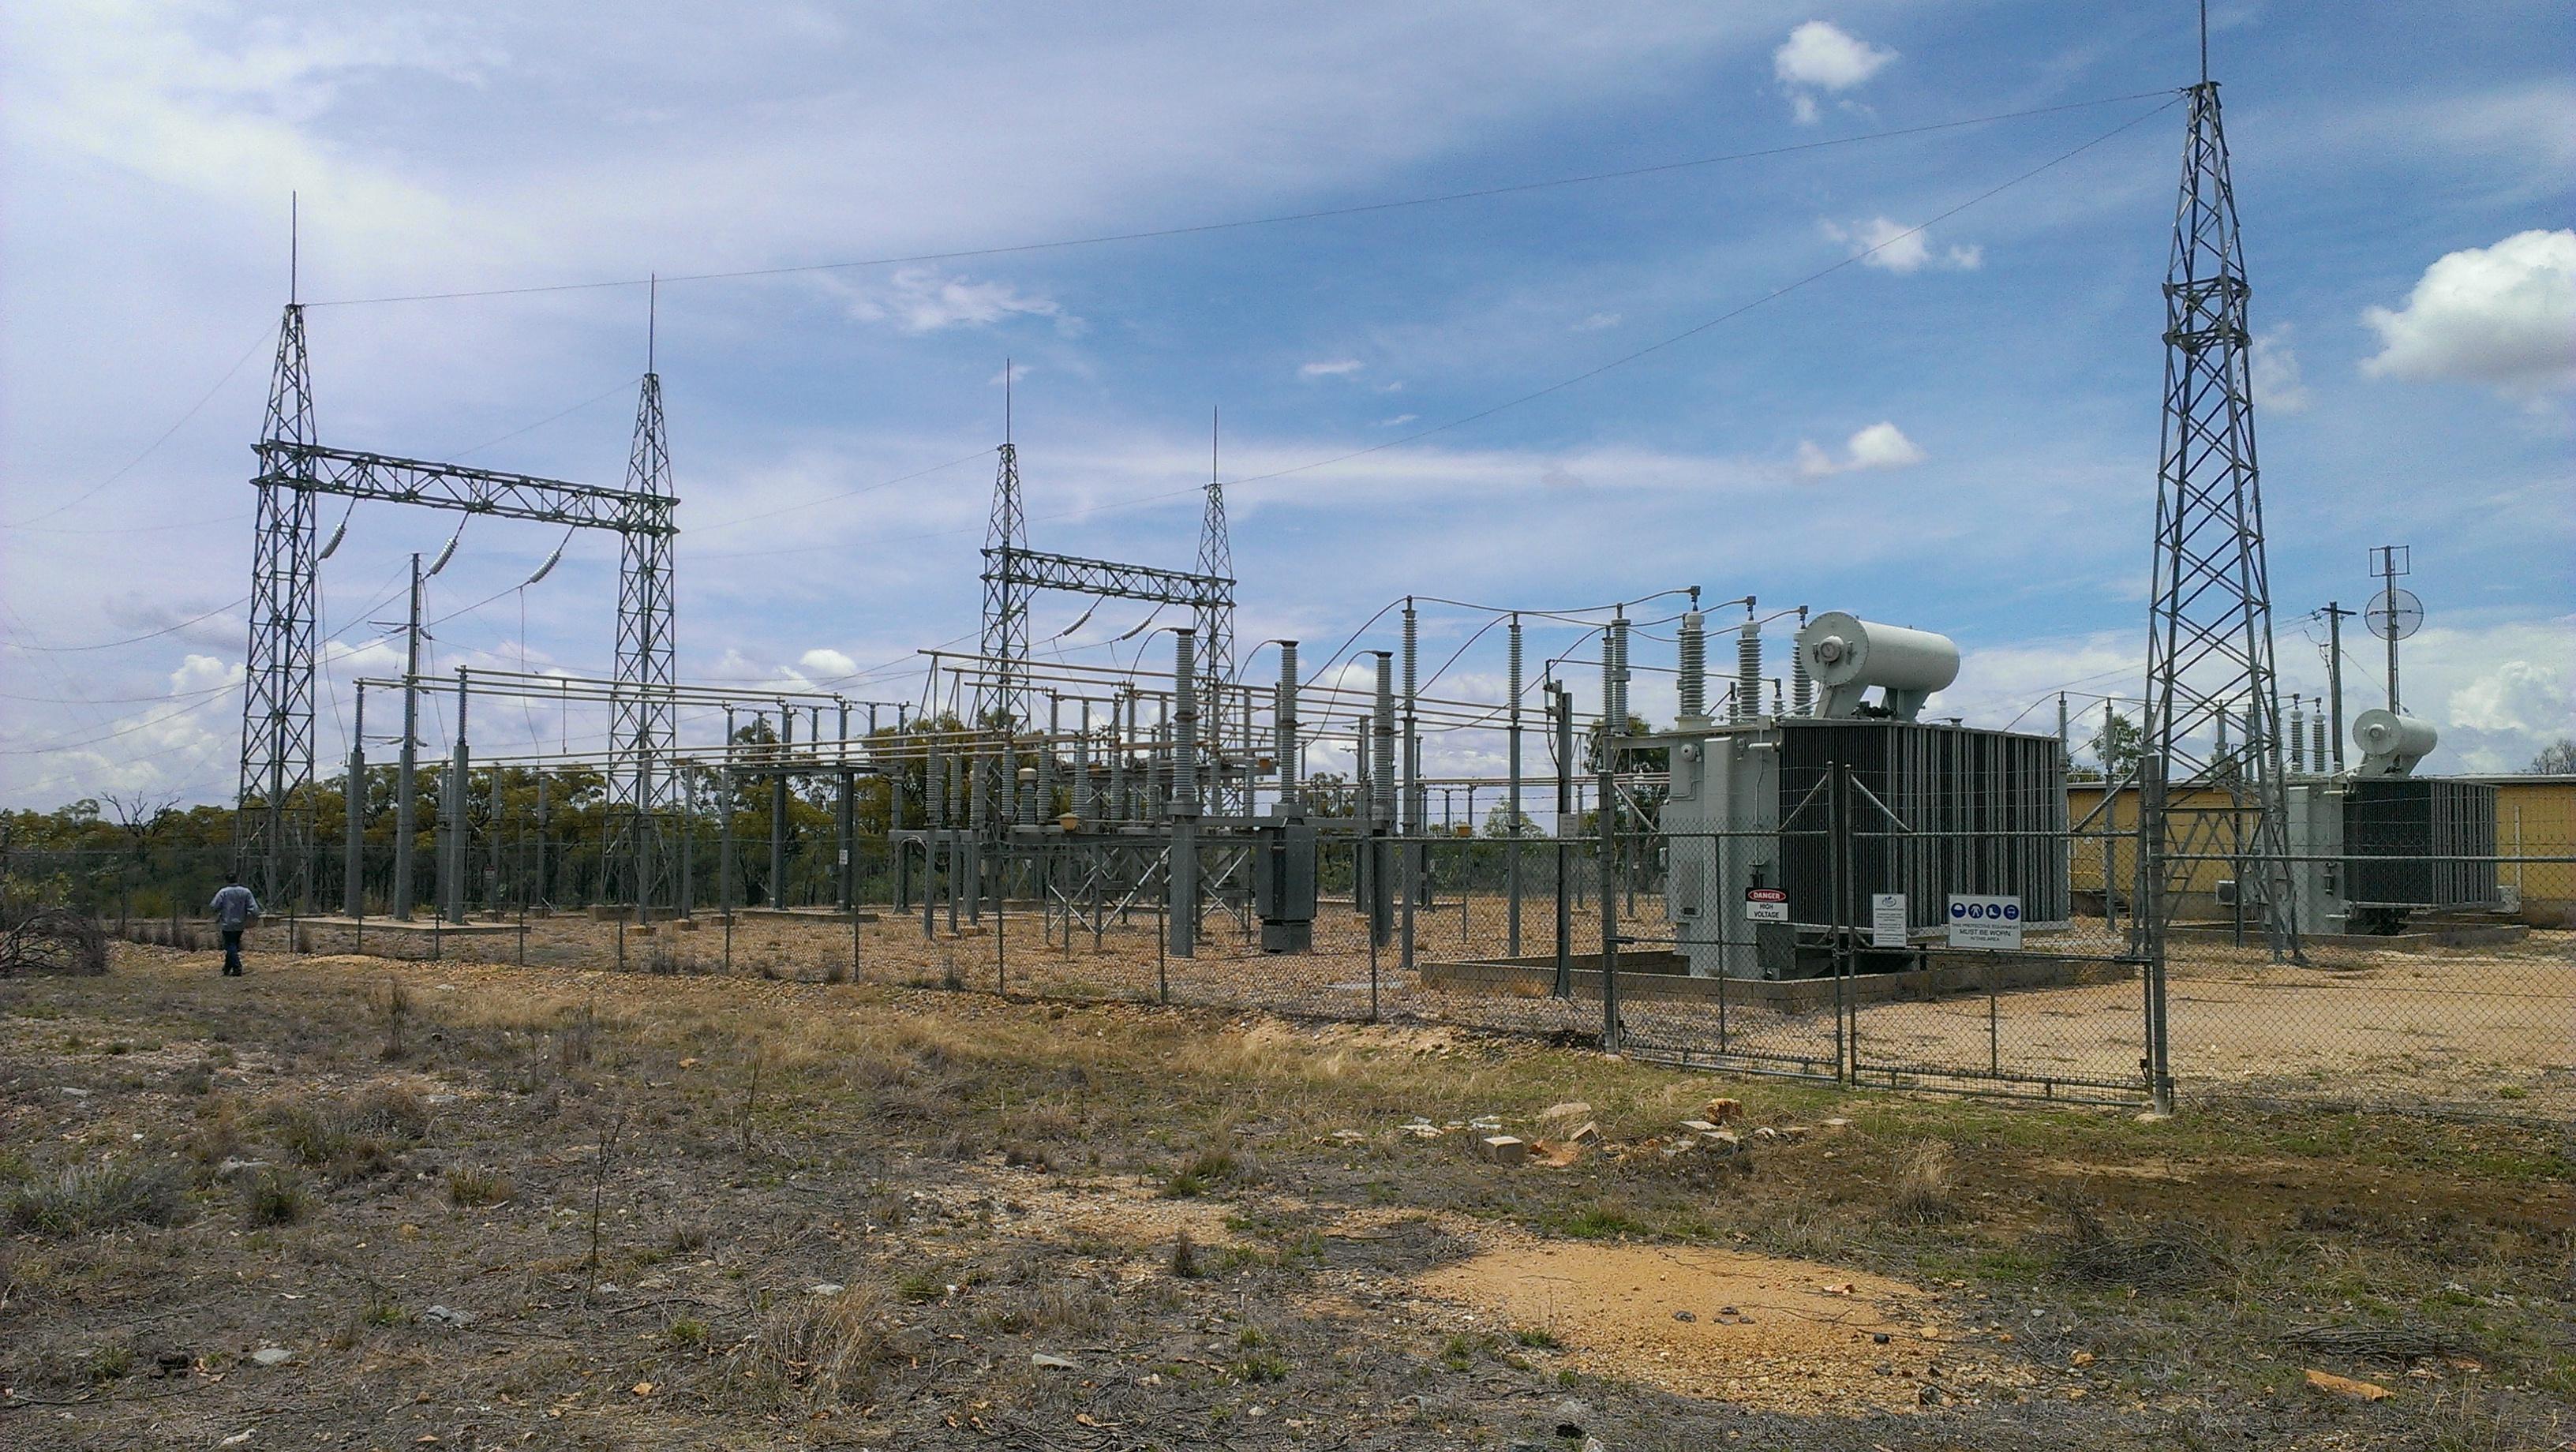 Substation 3